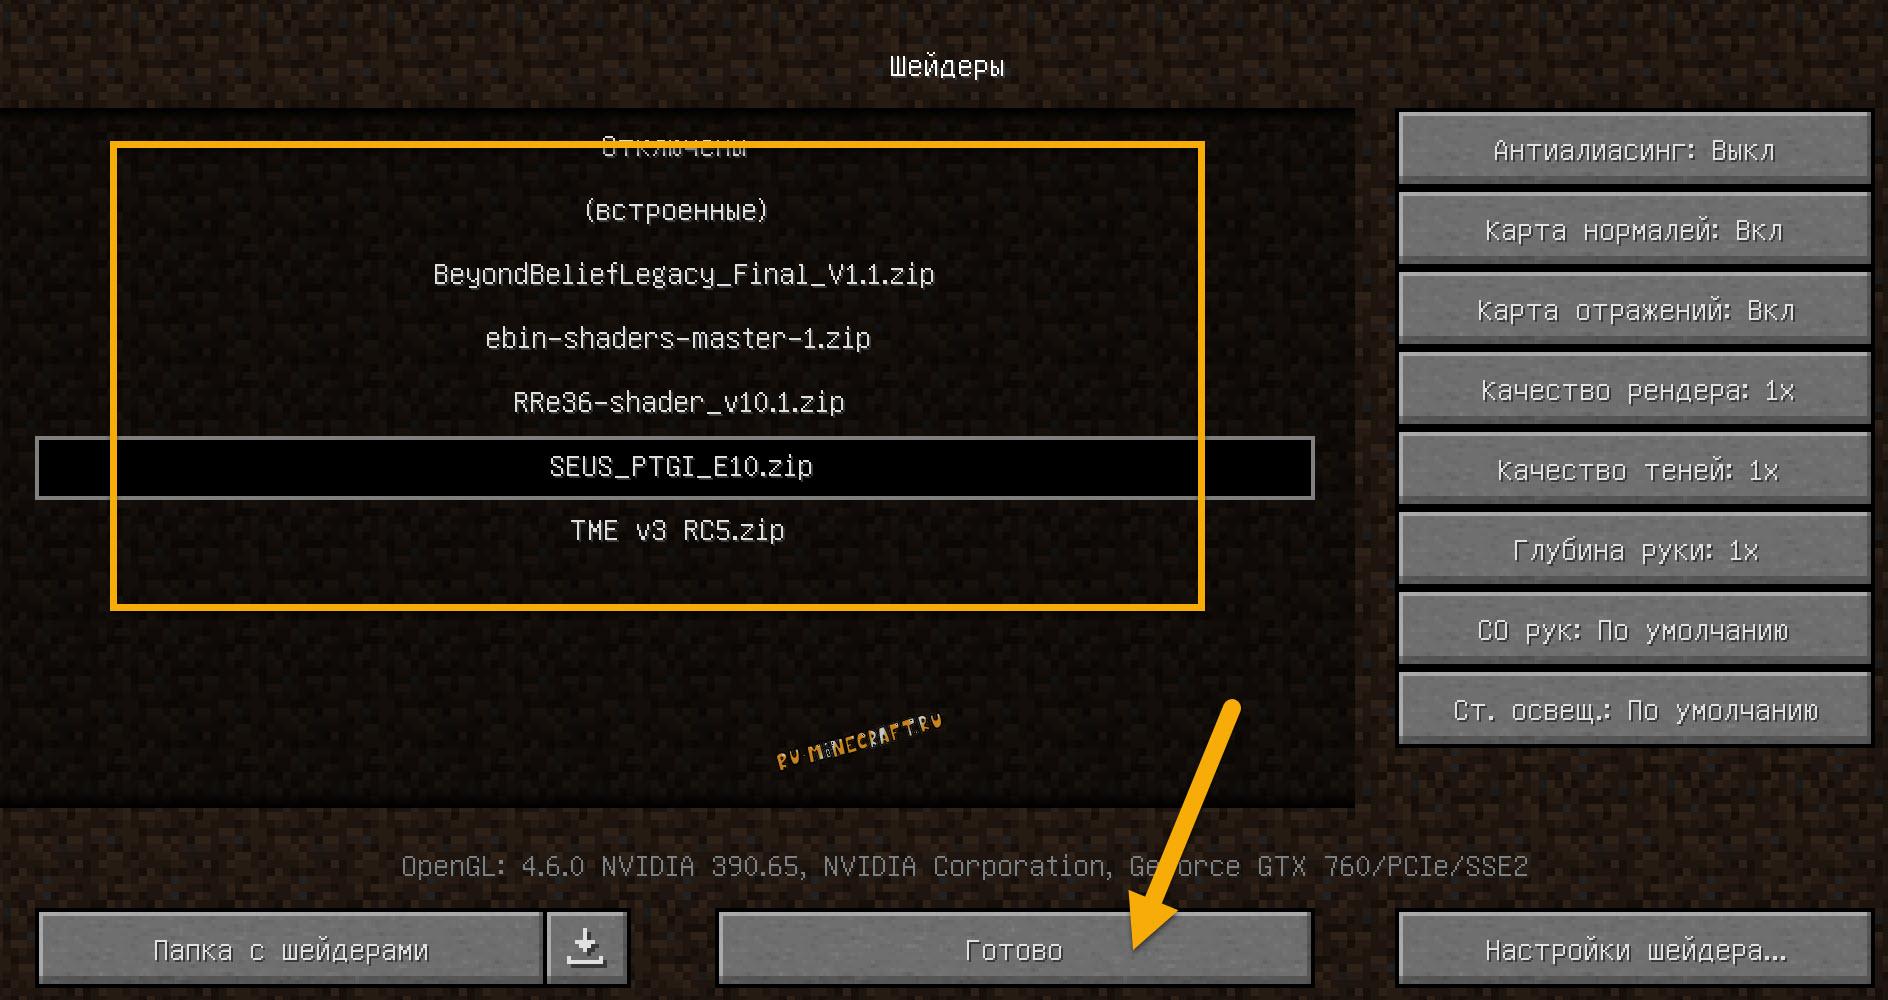 как установить шейдеры на майнкрафт 1.7.10 в tlauncher #2